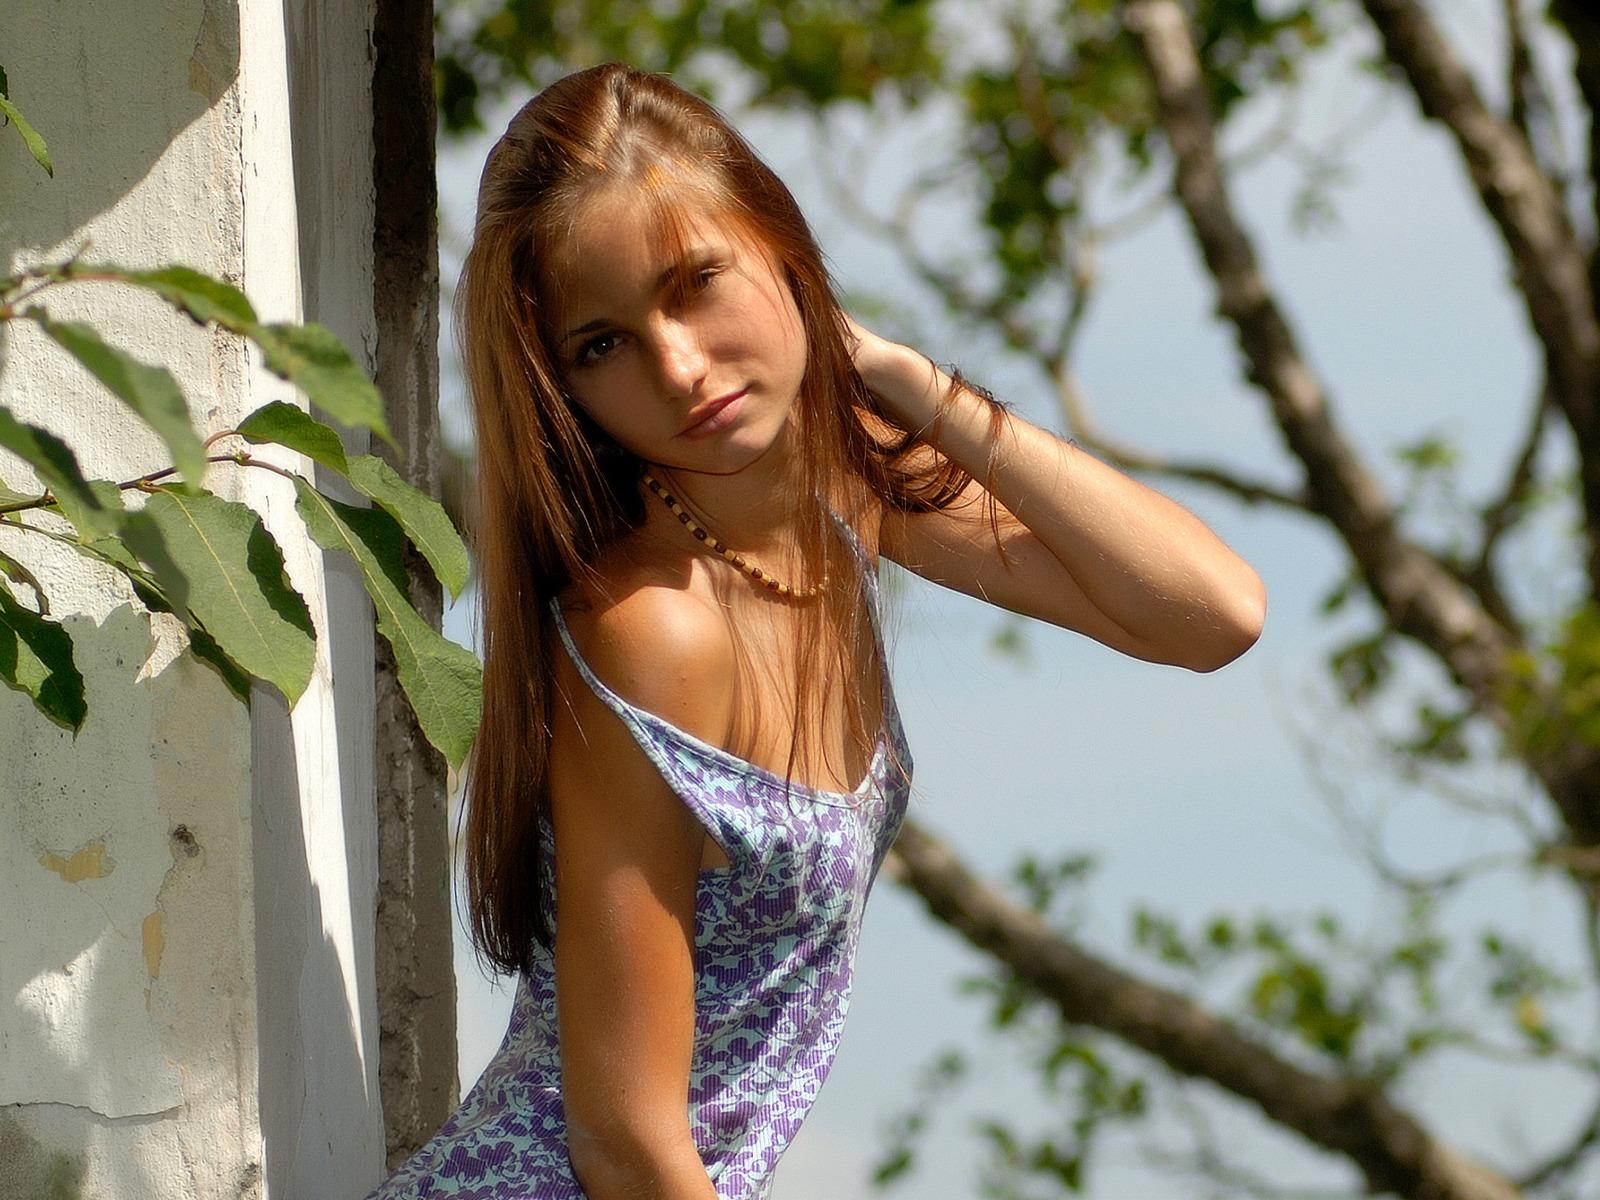 Юные девочки порево, 18-летняя девственница смотреть онлайн бесплатно 12 фотография